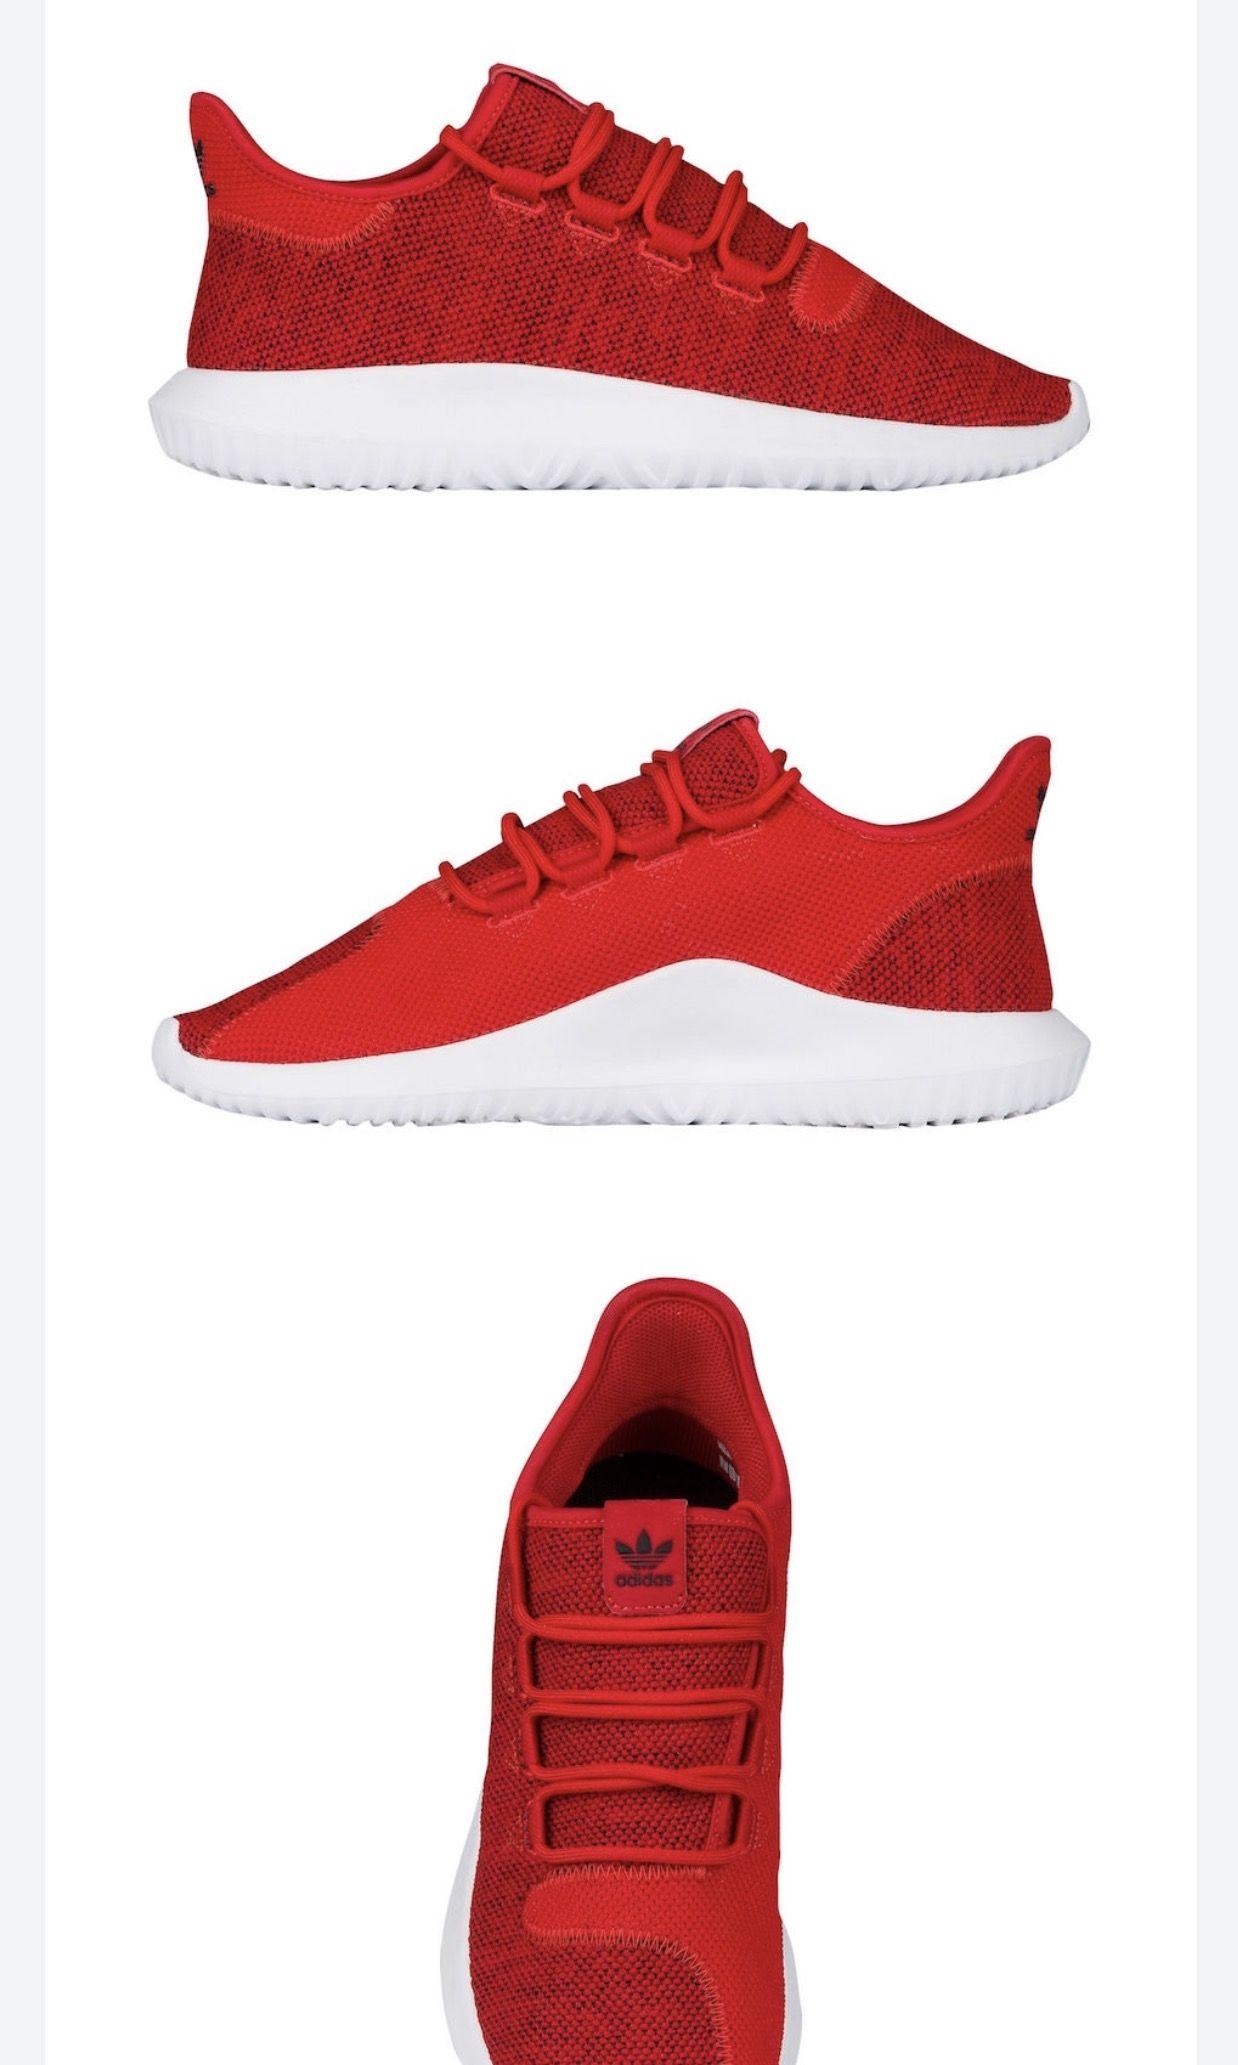 7ab03dfa4b07dd Scarlett red adidas Tubular Shadow❤ ❤ ❤